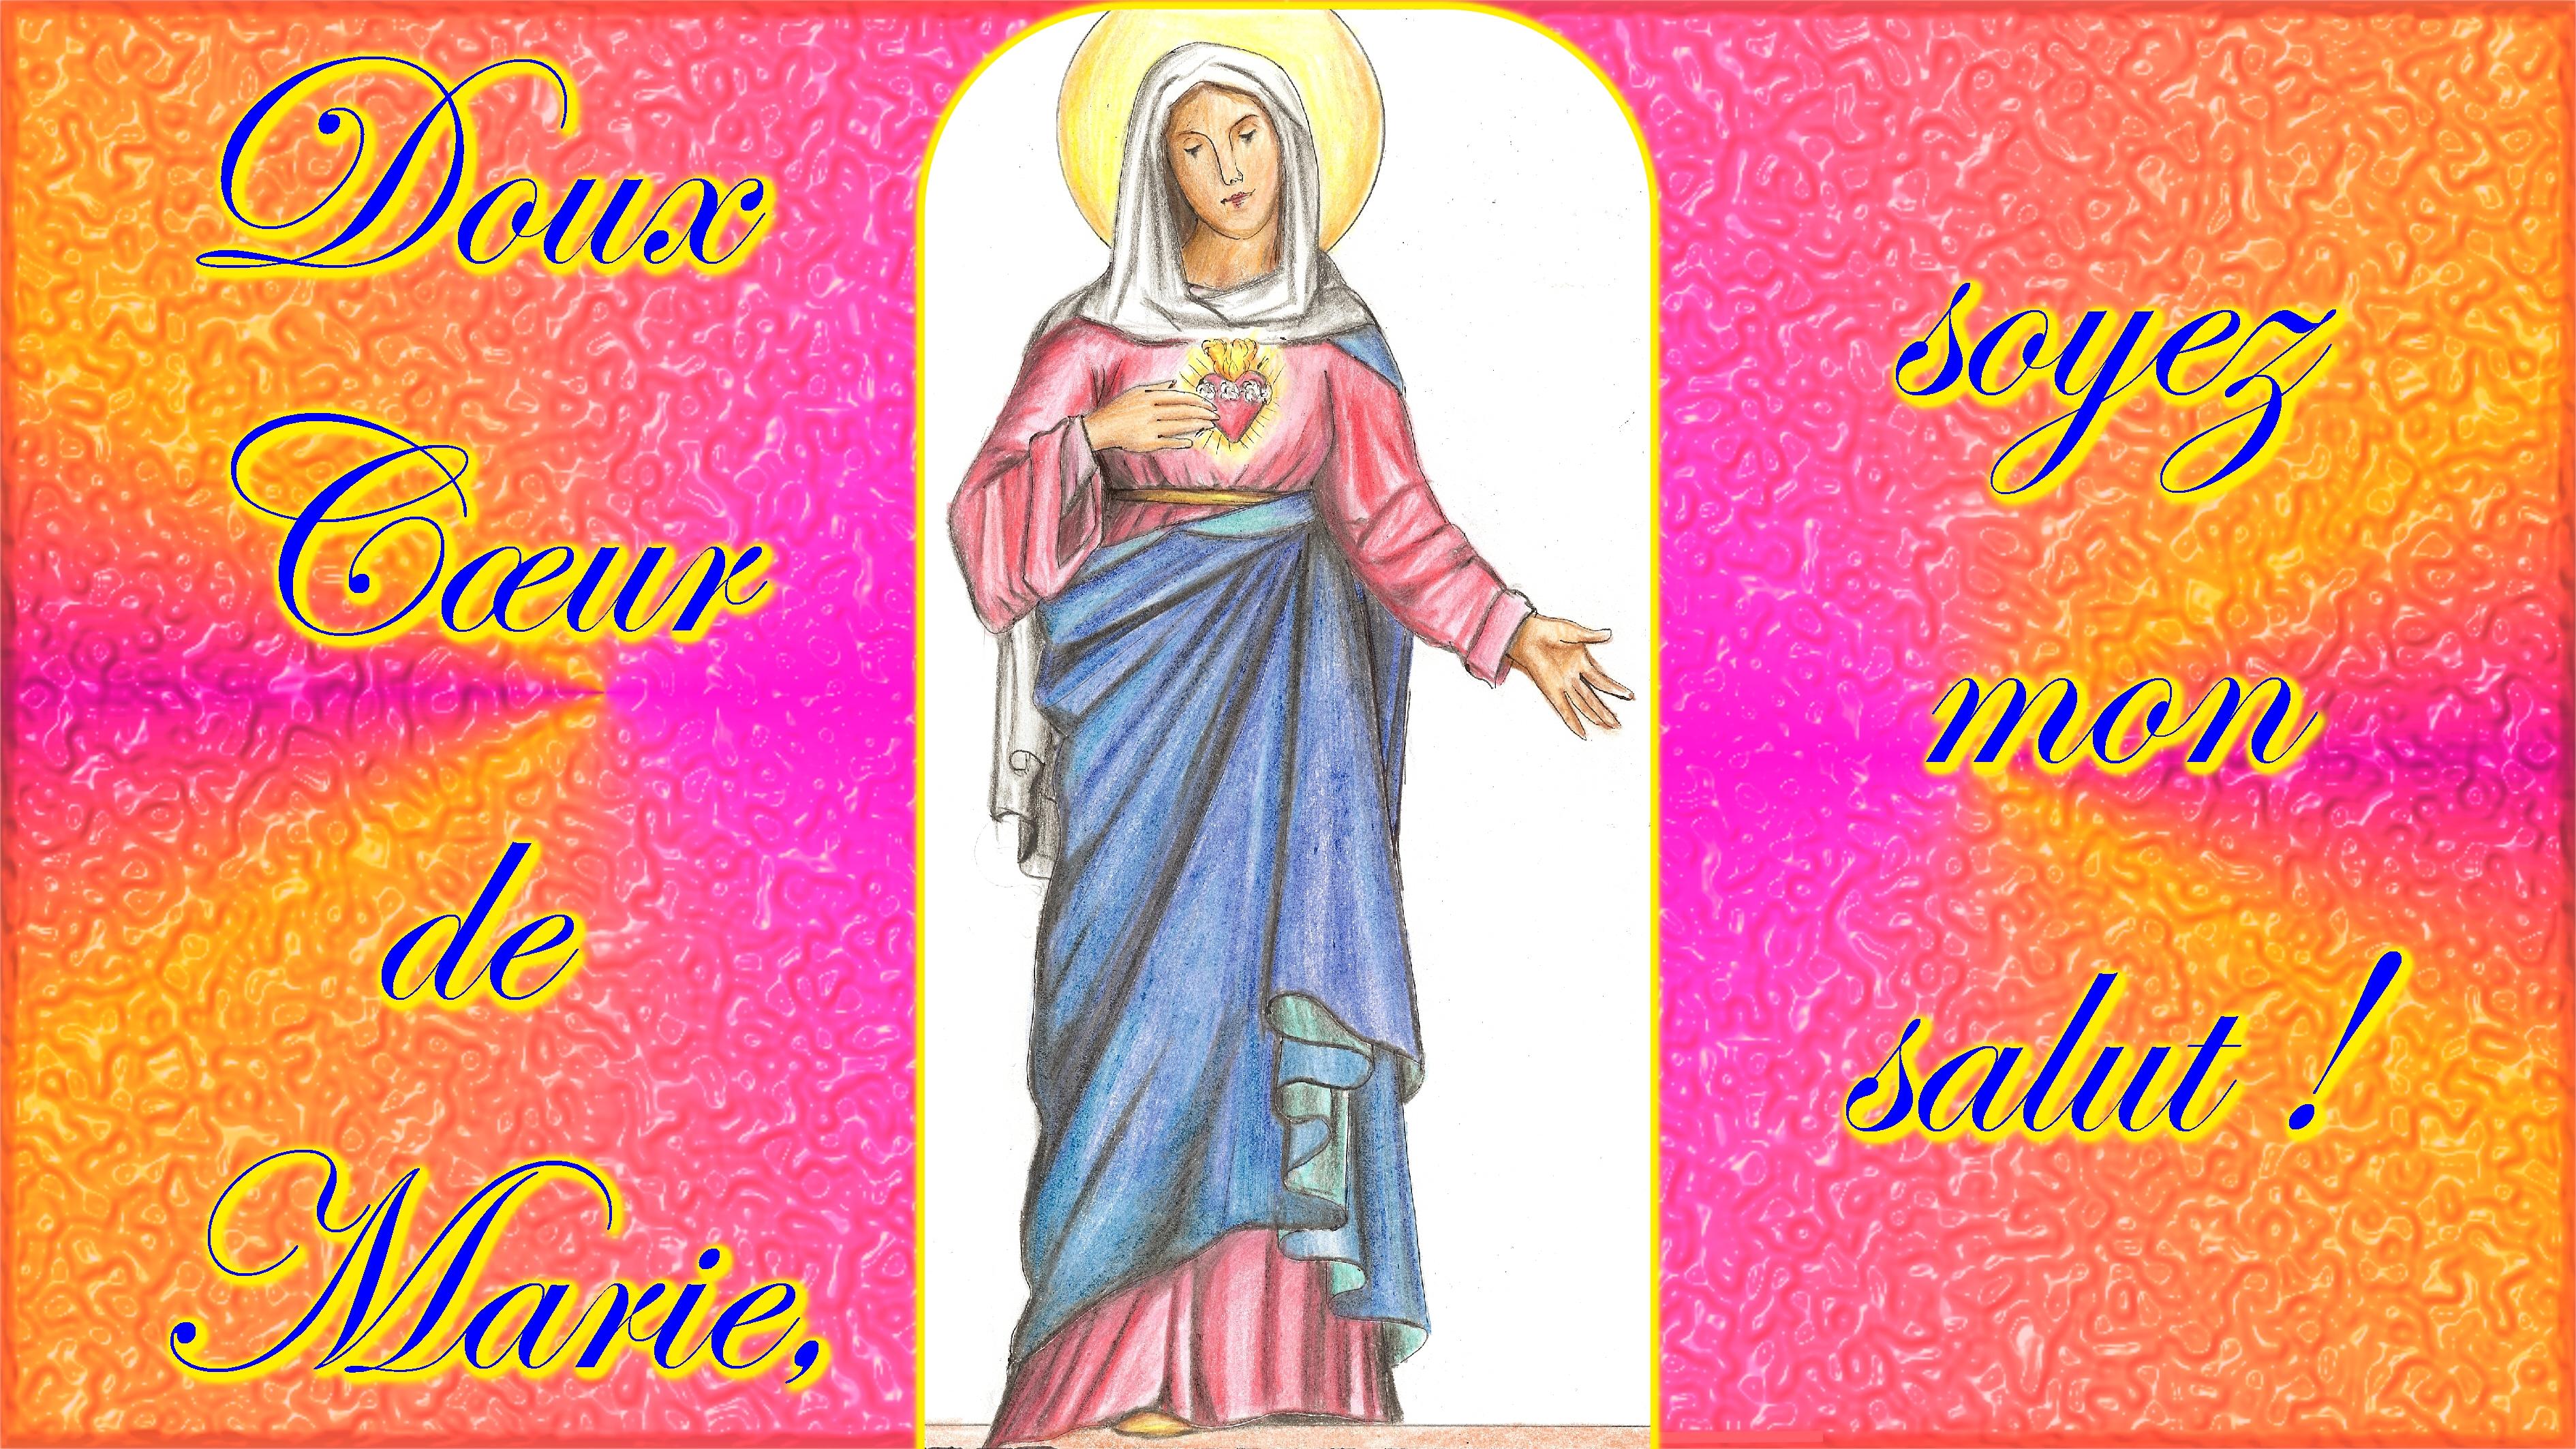 CALENDRIER CATHOLIQUE 2019 (Cantiques, Prières & Images) - Page 6 Coeur-immacul-de-marie-567e2d8